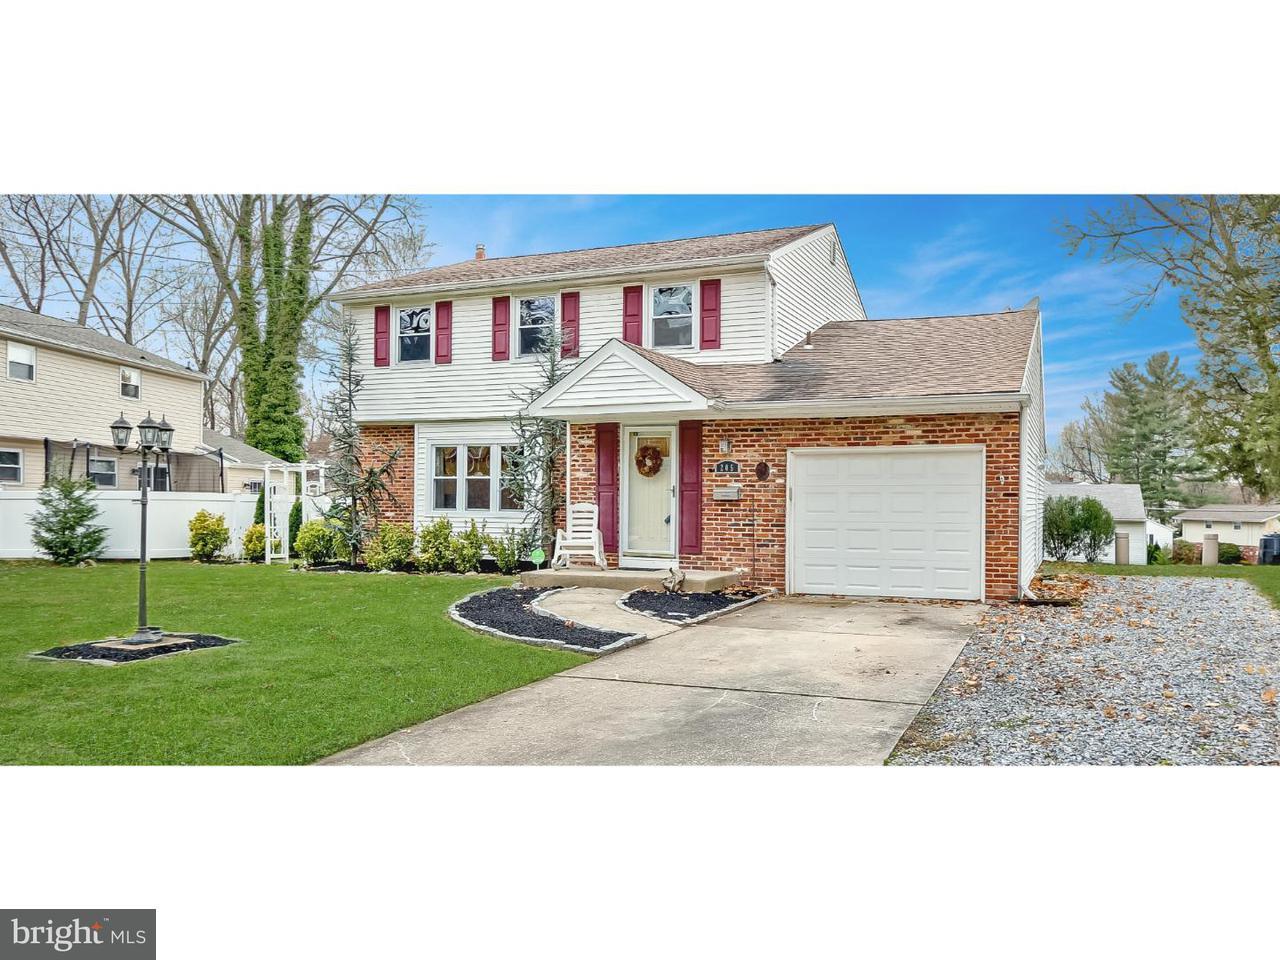 Частный односемейный дом для того Продажа на 205 E KRAFT Avenue Haddon Township, Нью-Джерси 08107 Соединенные Штаты